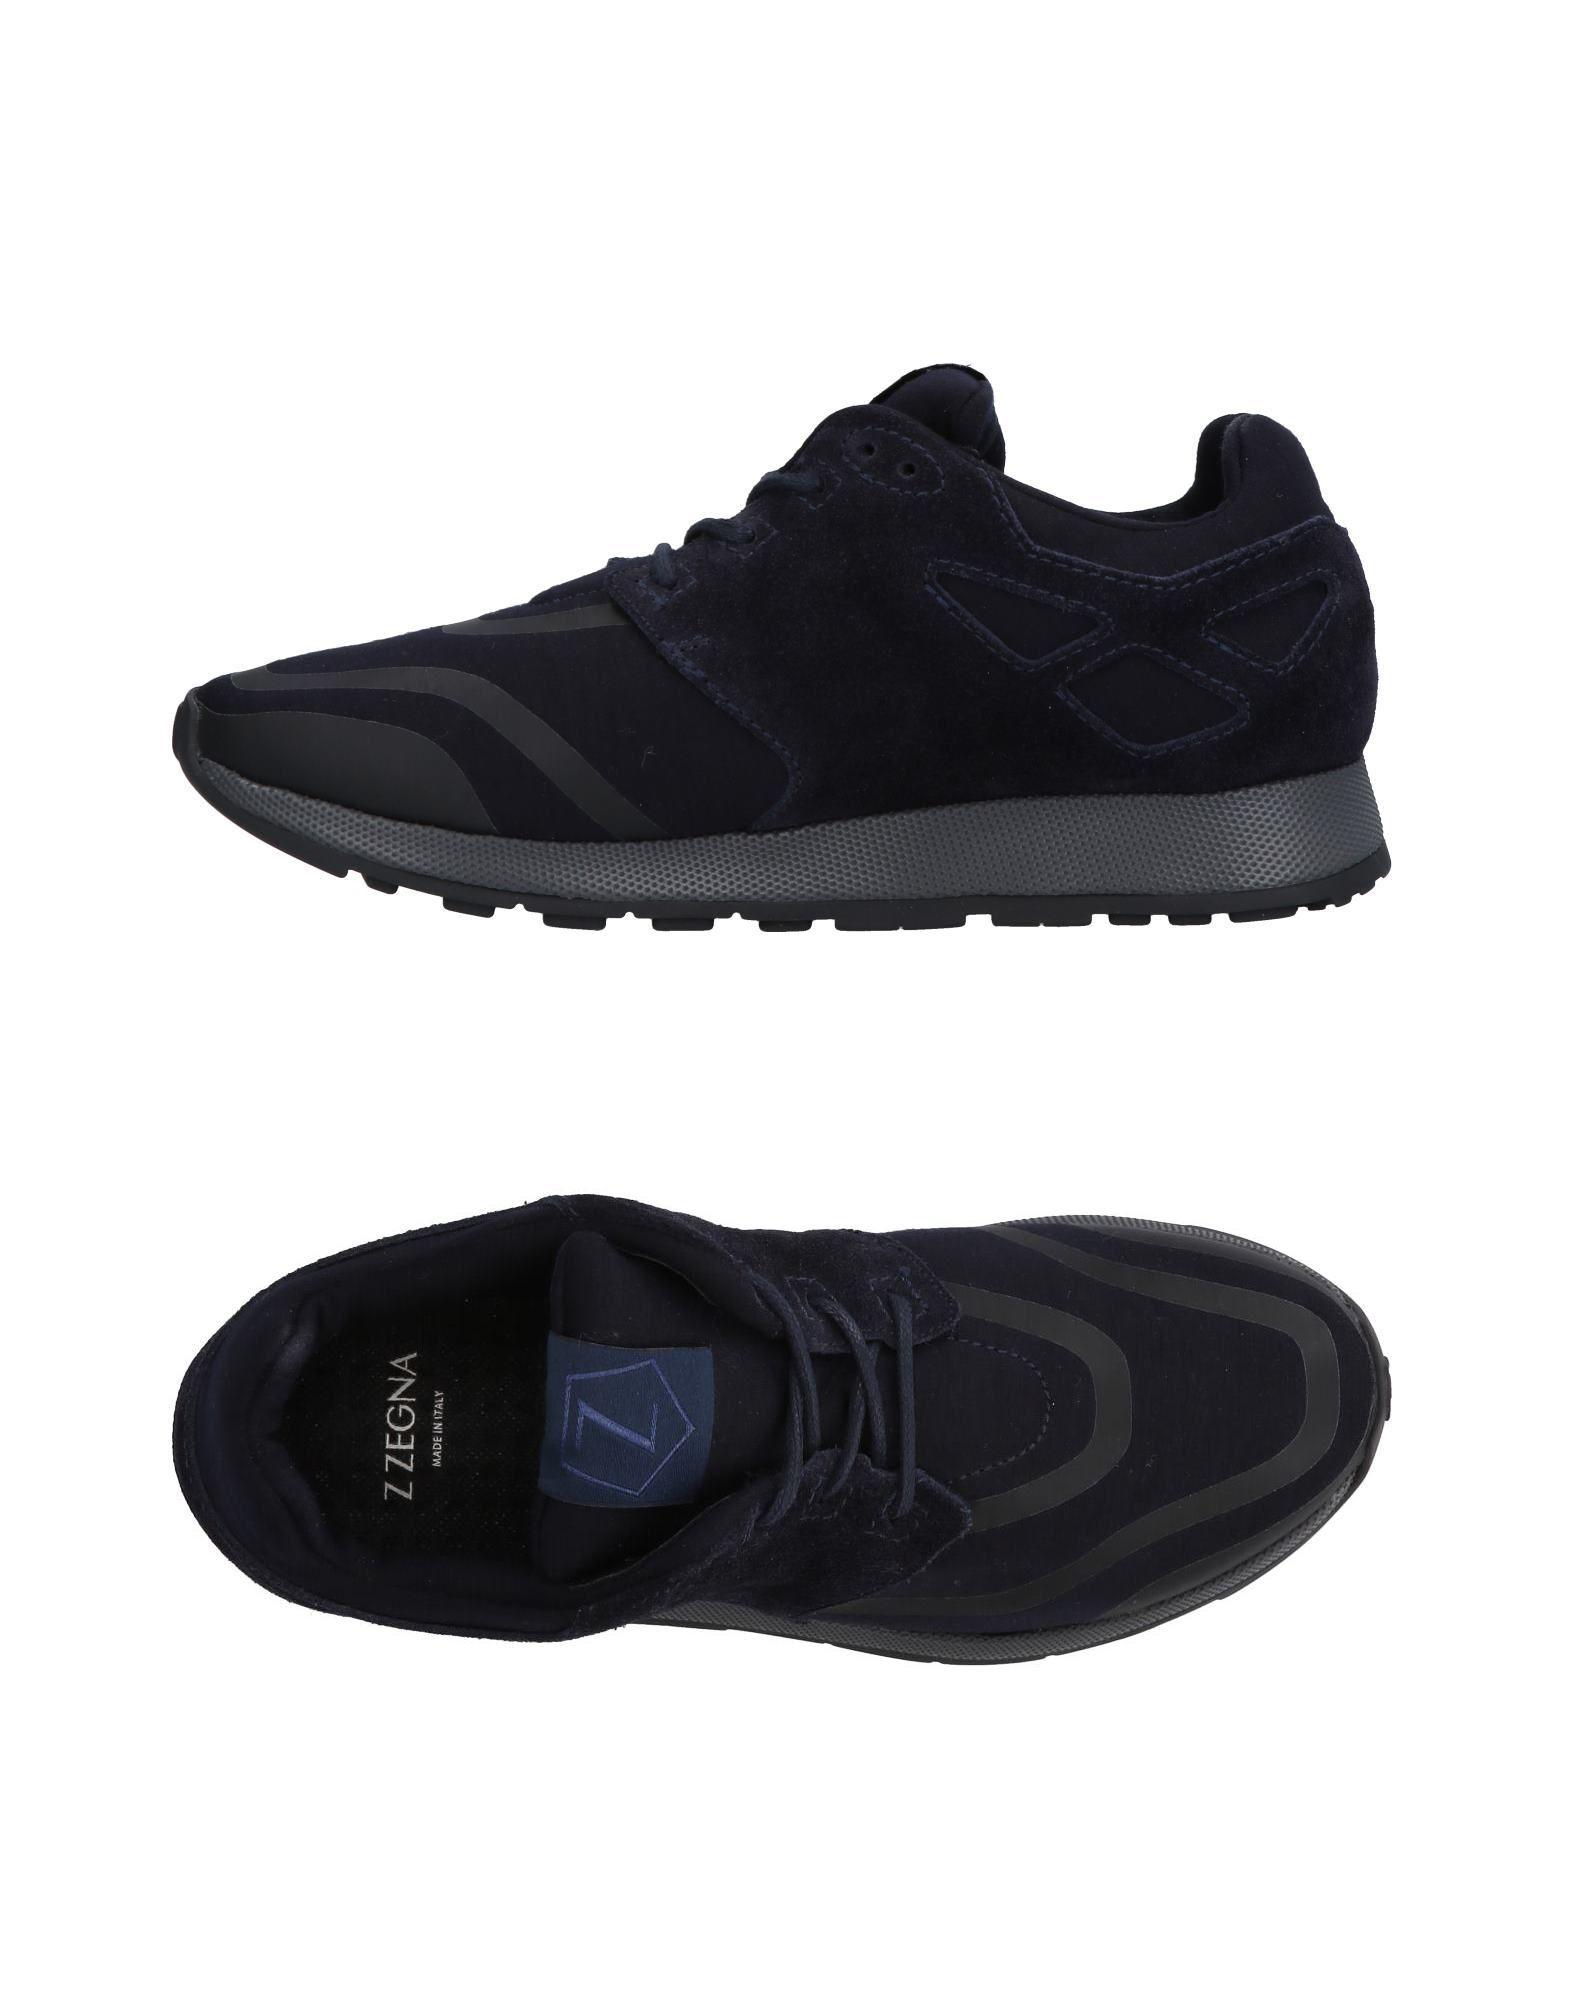 Scarpe economiche e resistenti Sneakers Zzegna Uomo - 11032140GV